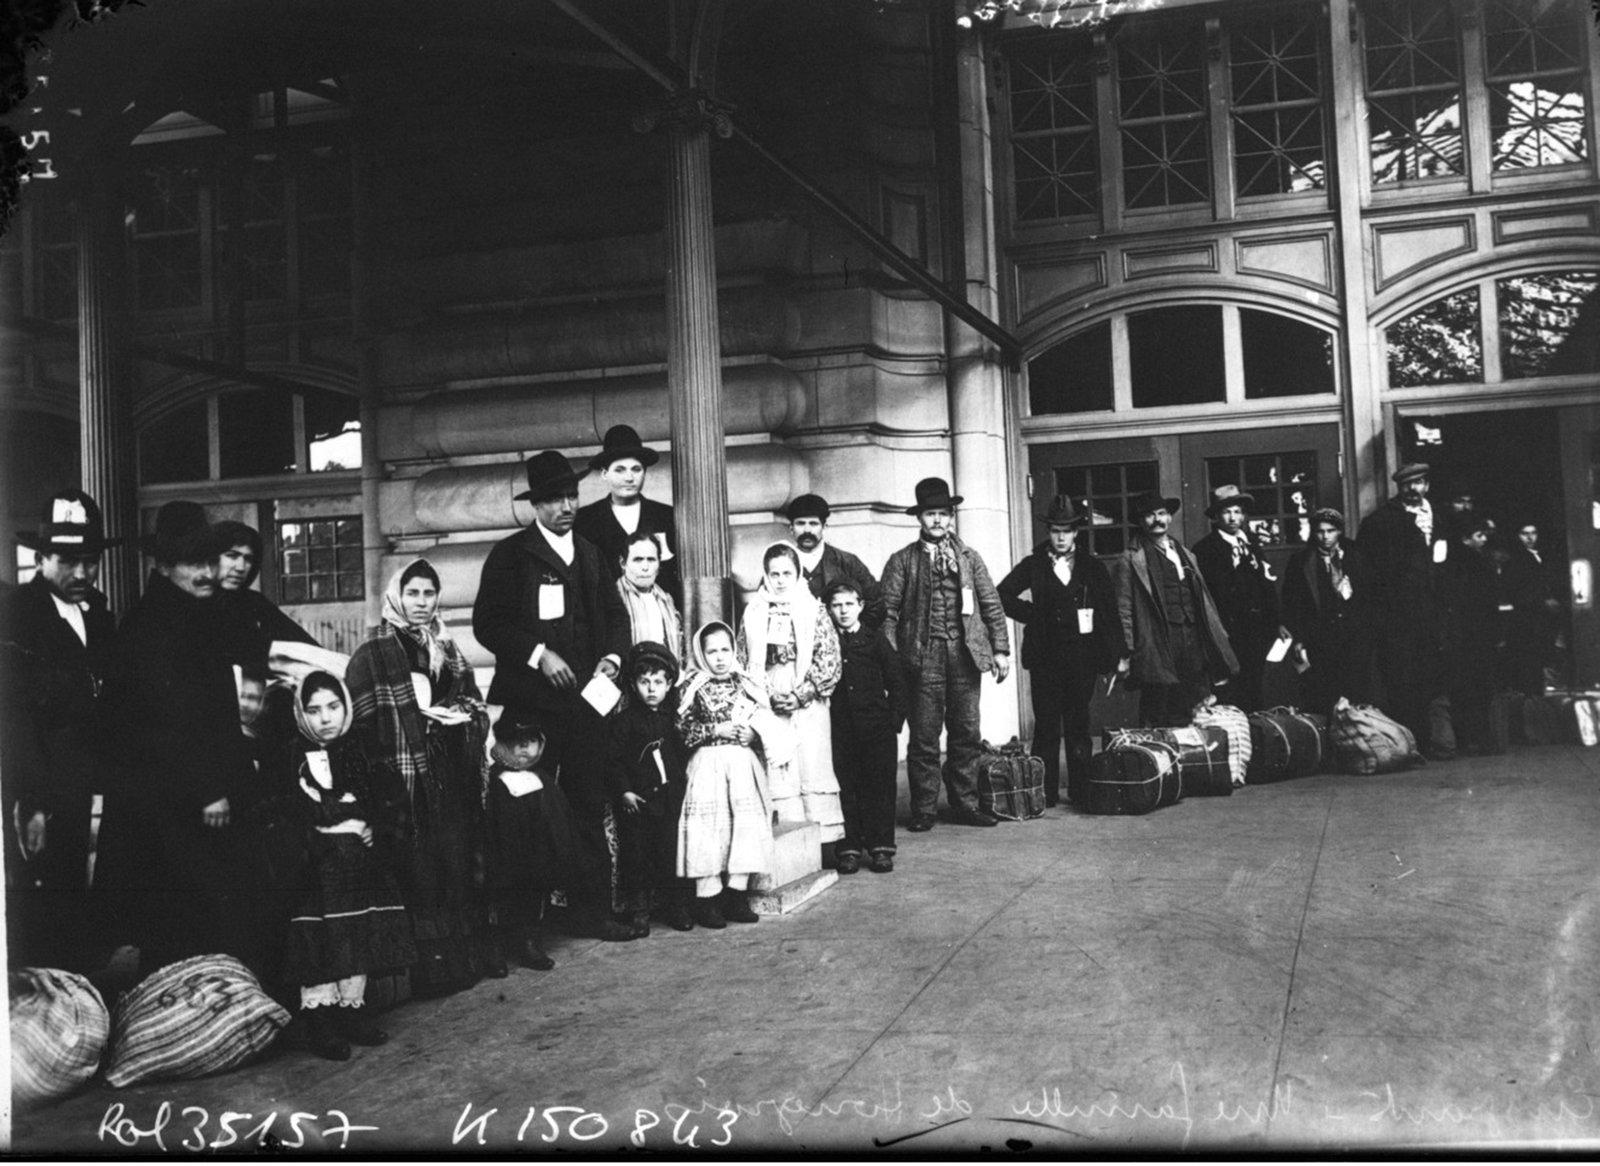 Emigrants [sur Ellis Island], une famille de hongrois. (Emigrants [at Ellis Island], an Hungarian family), Agence Rol. Agence photographique, Référence bibliographique : Rol, 35157 1913, Public Domain Mark